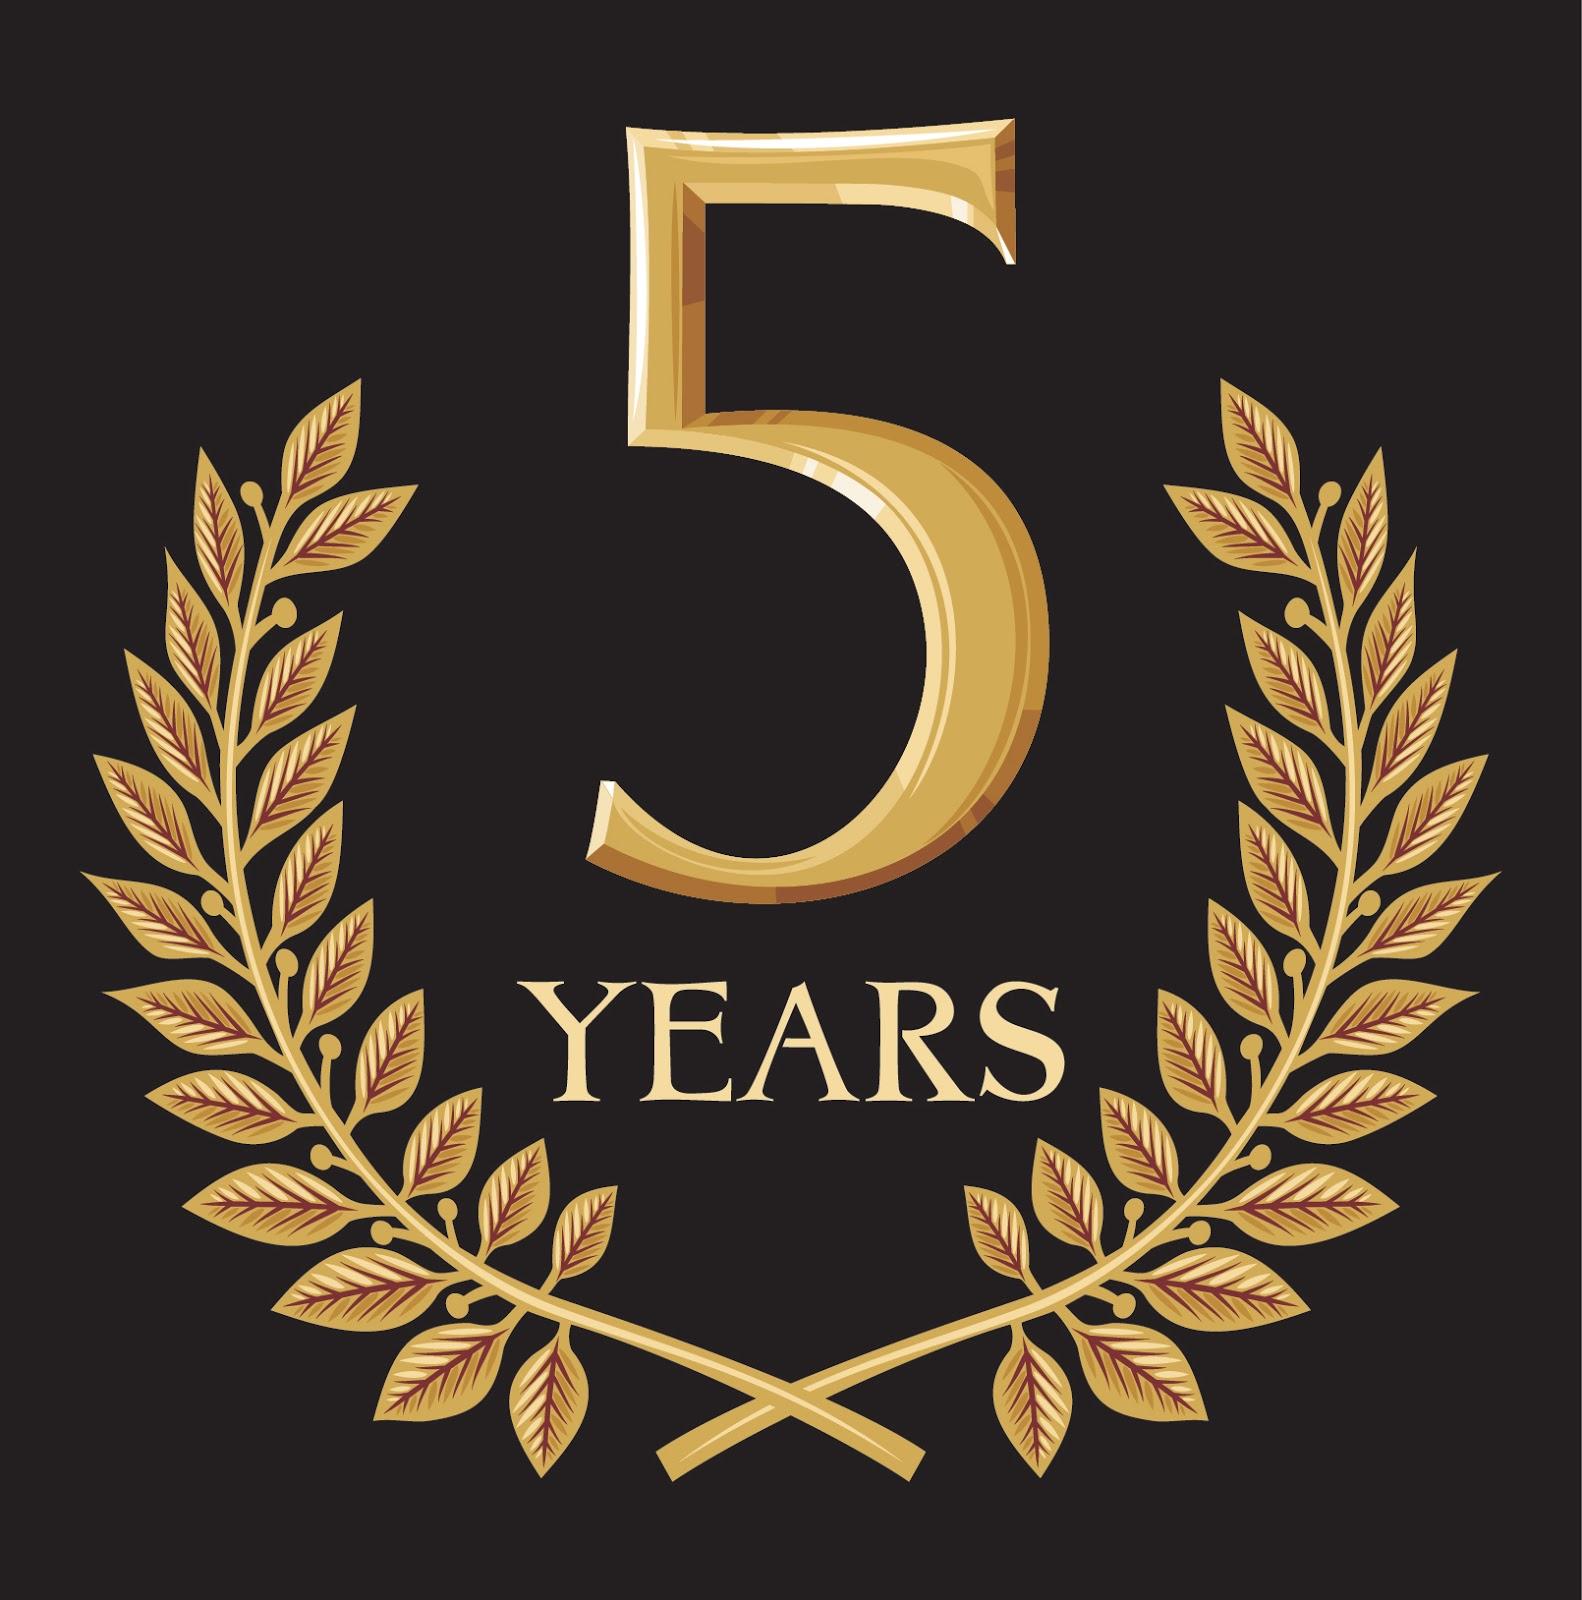 Открытка 5 лет организации